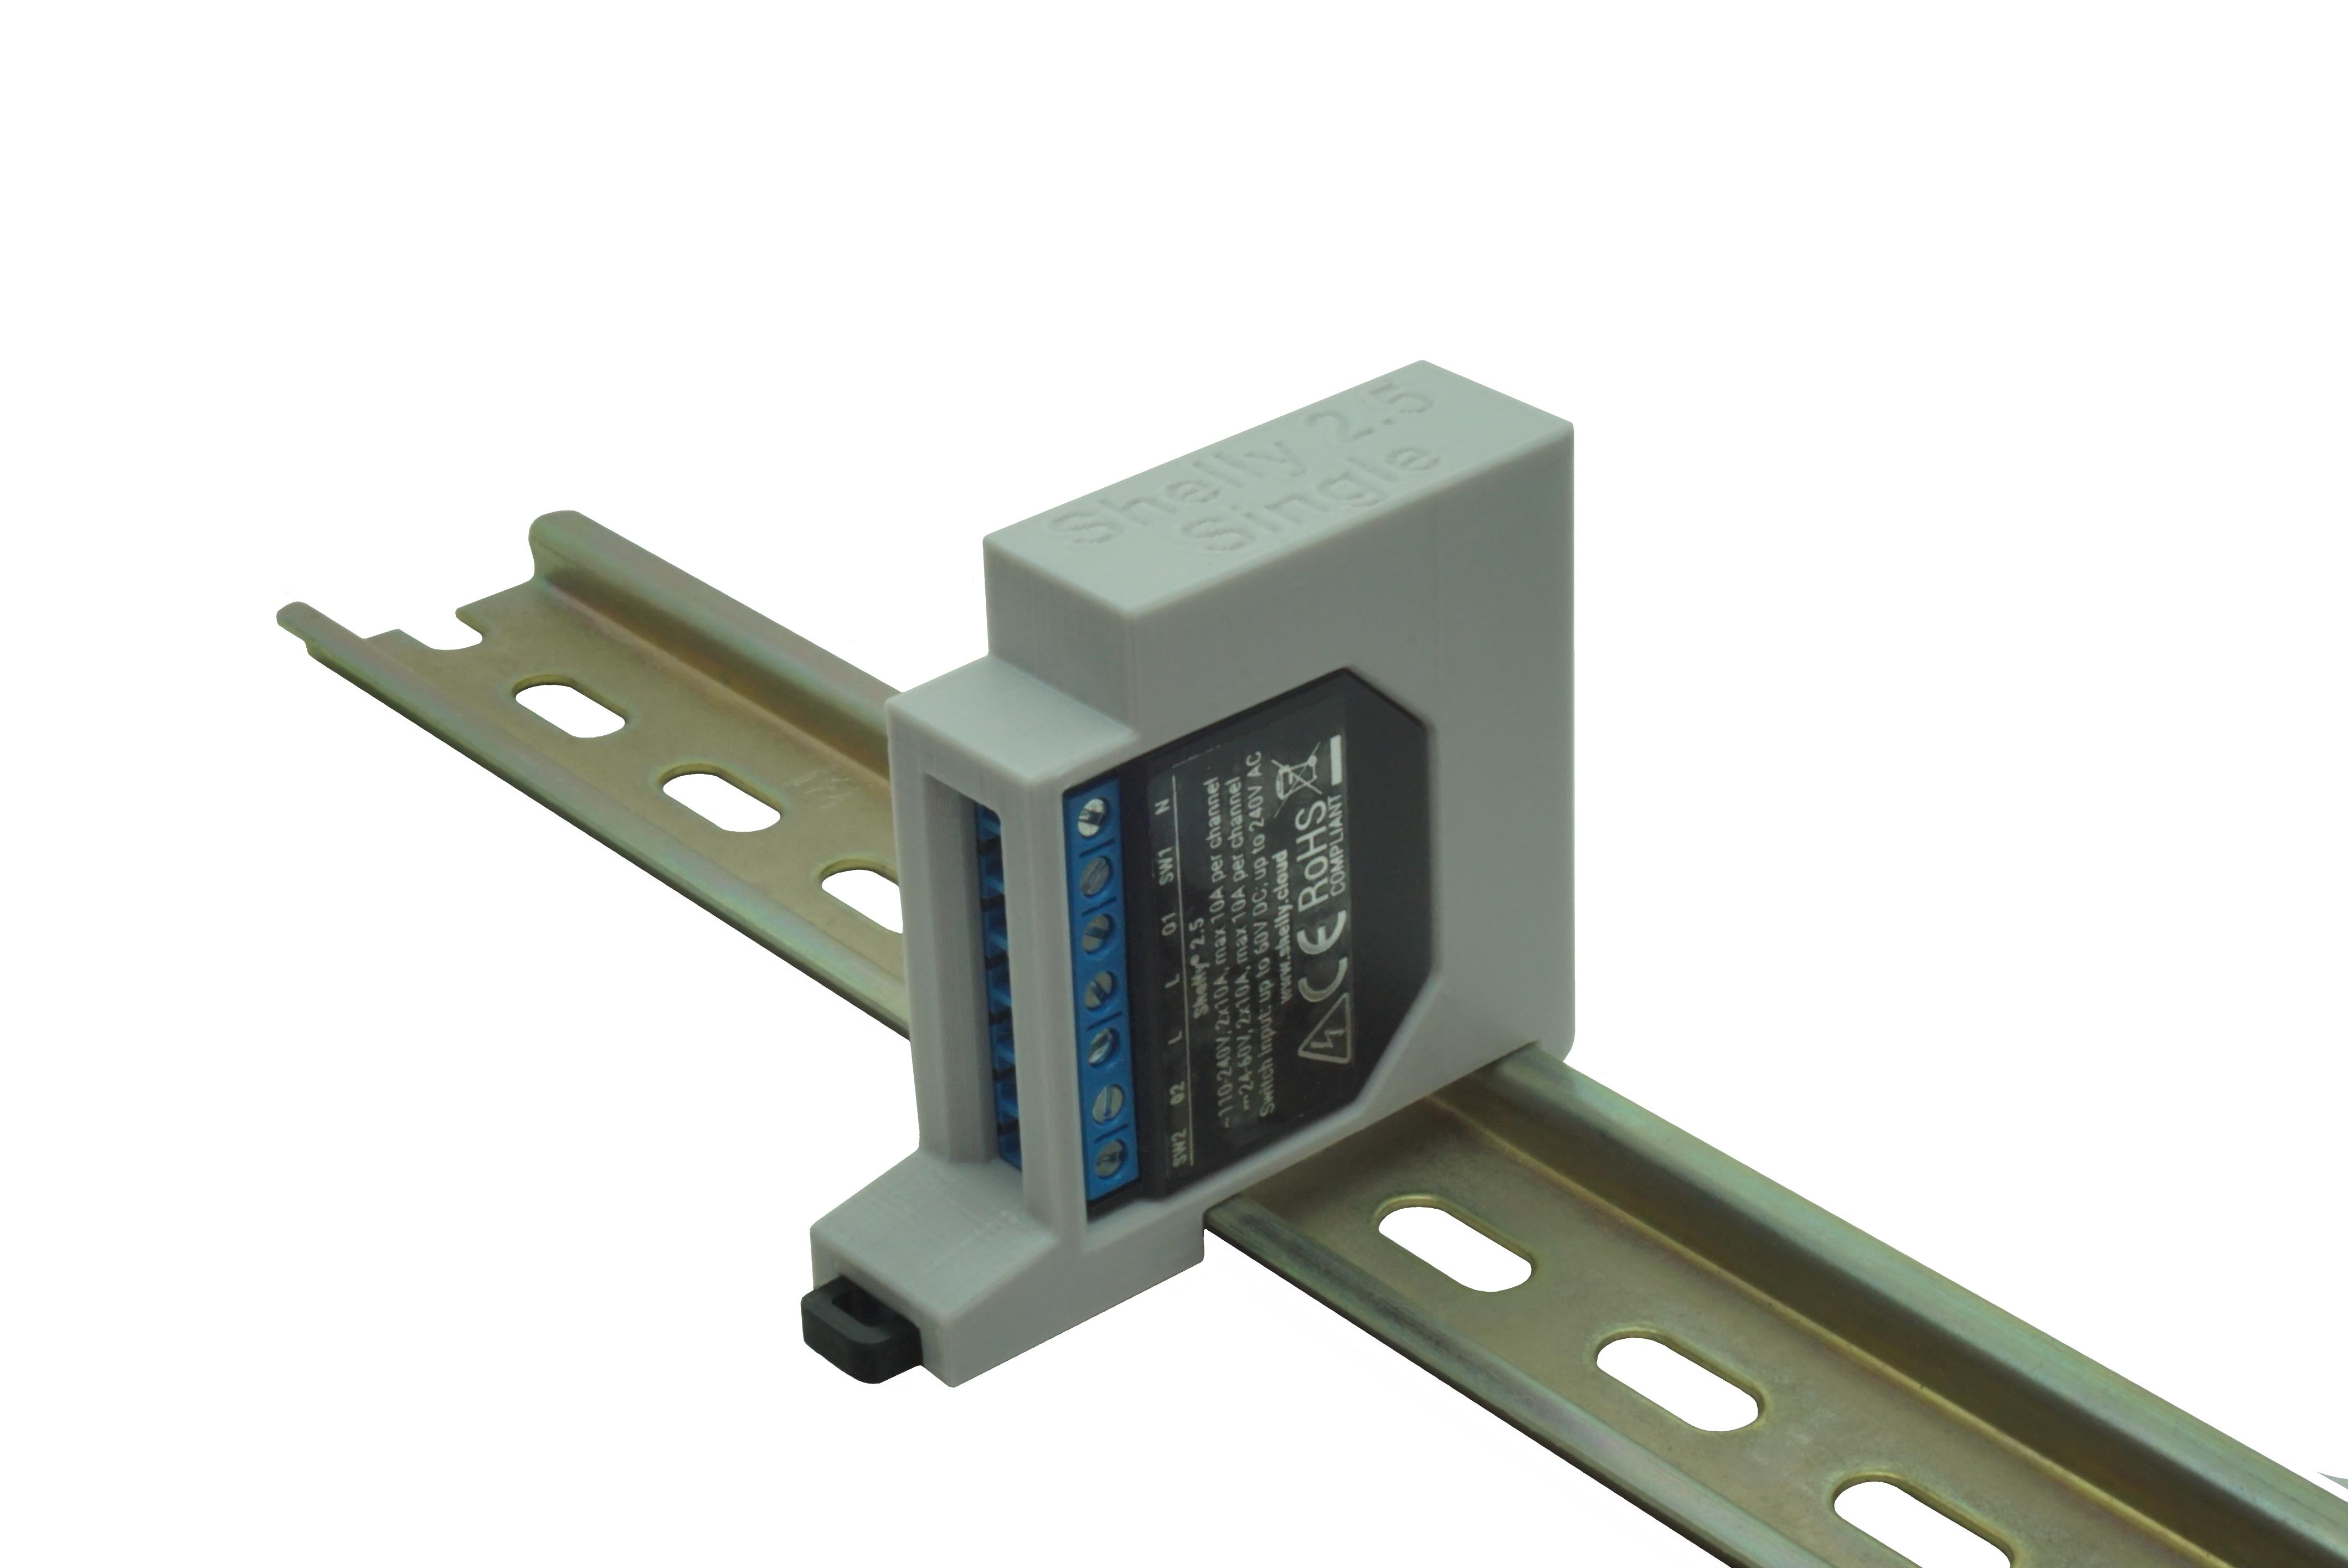 Hutschienenhalter / Adapter Single für Shelly 2.5 / EM, für DIN Schiene 35mm, Farbe: Grau